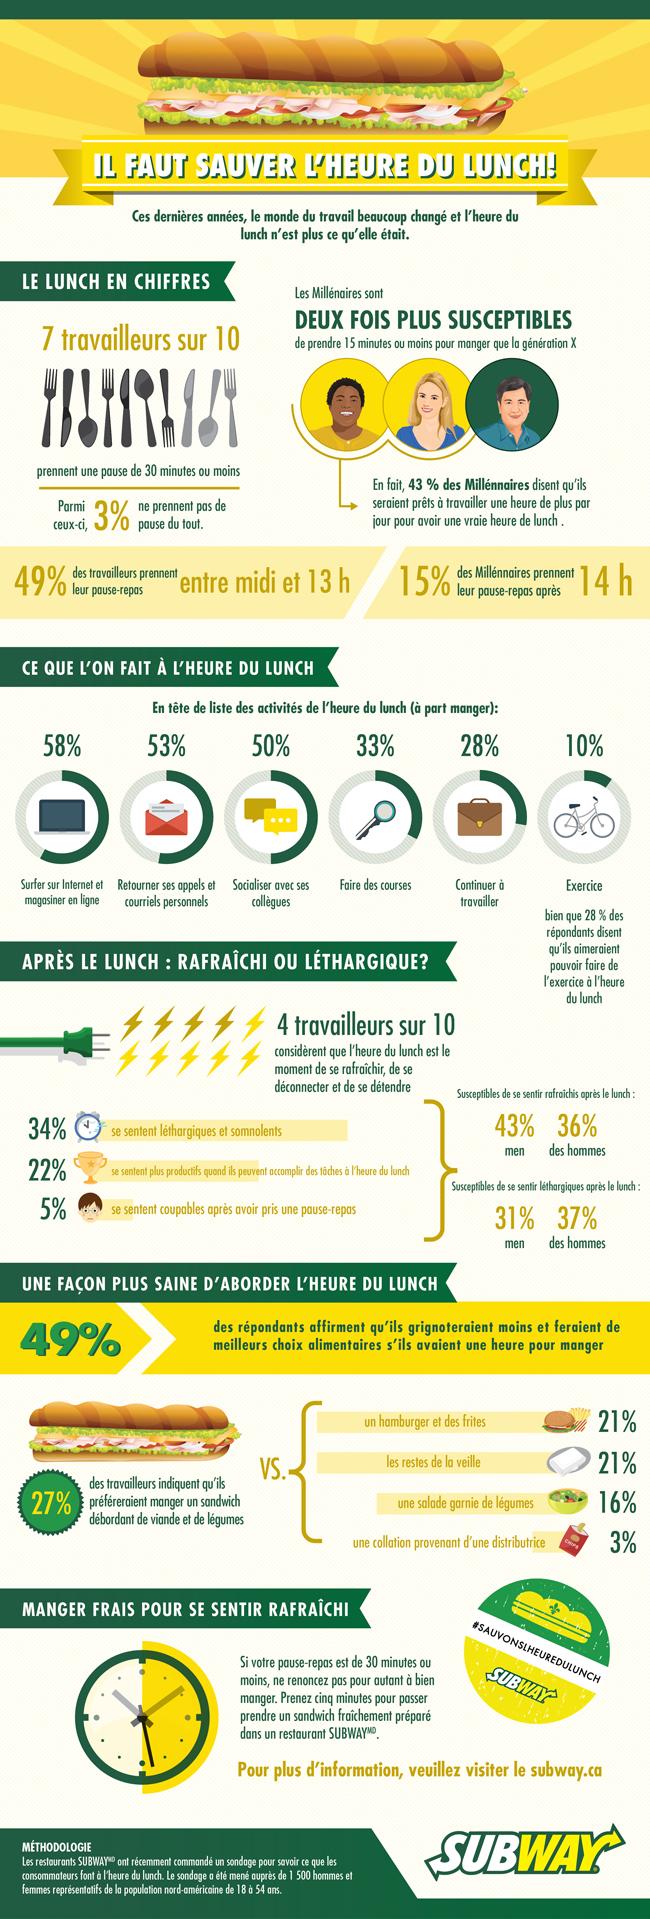 SUBWAY-Sauvons l'heure du lunch_ Infographie pour diffusion web